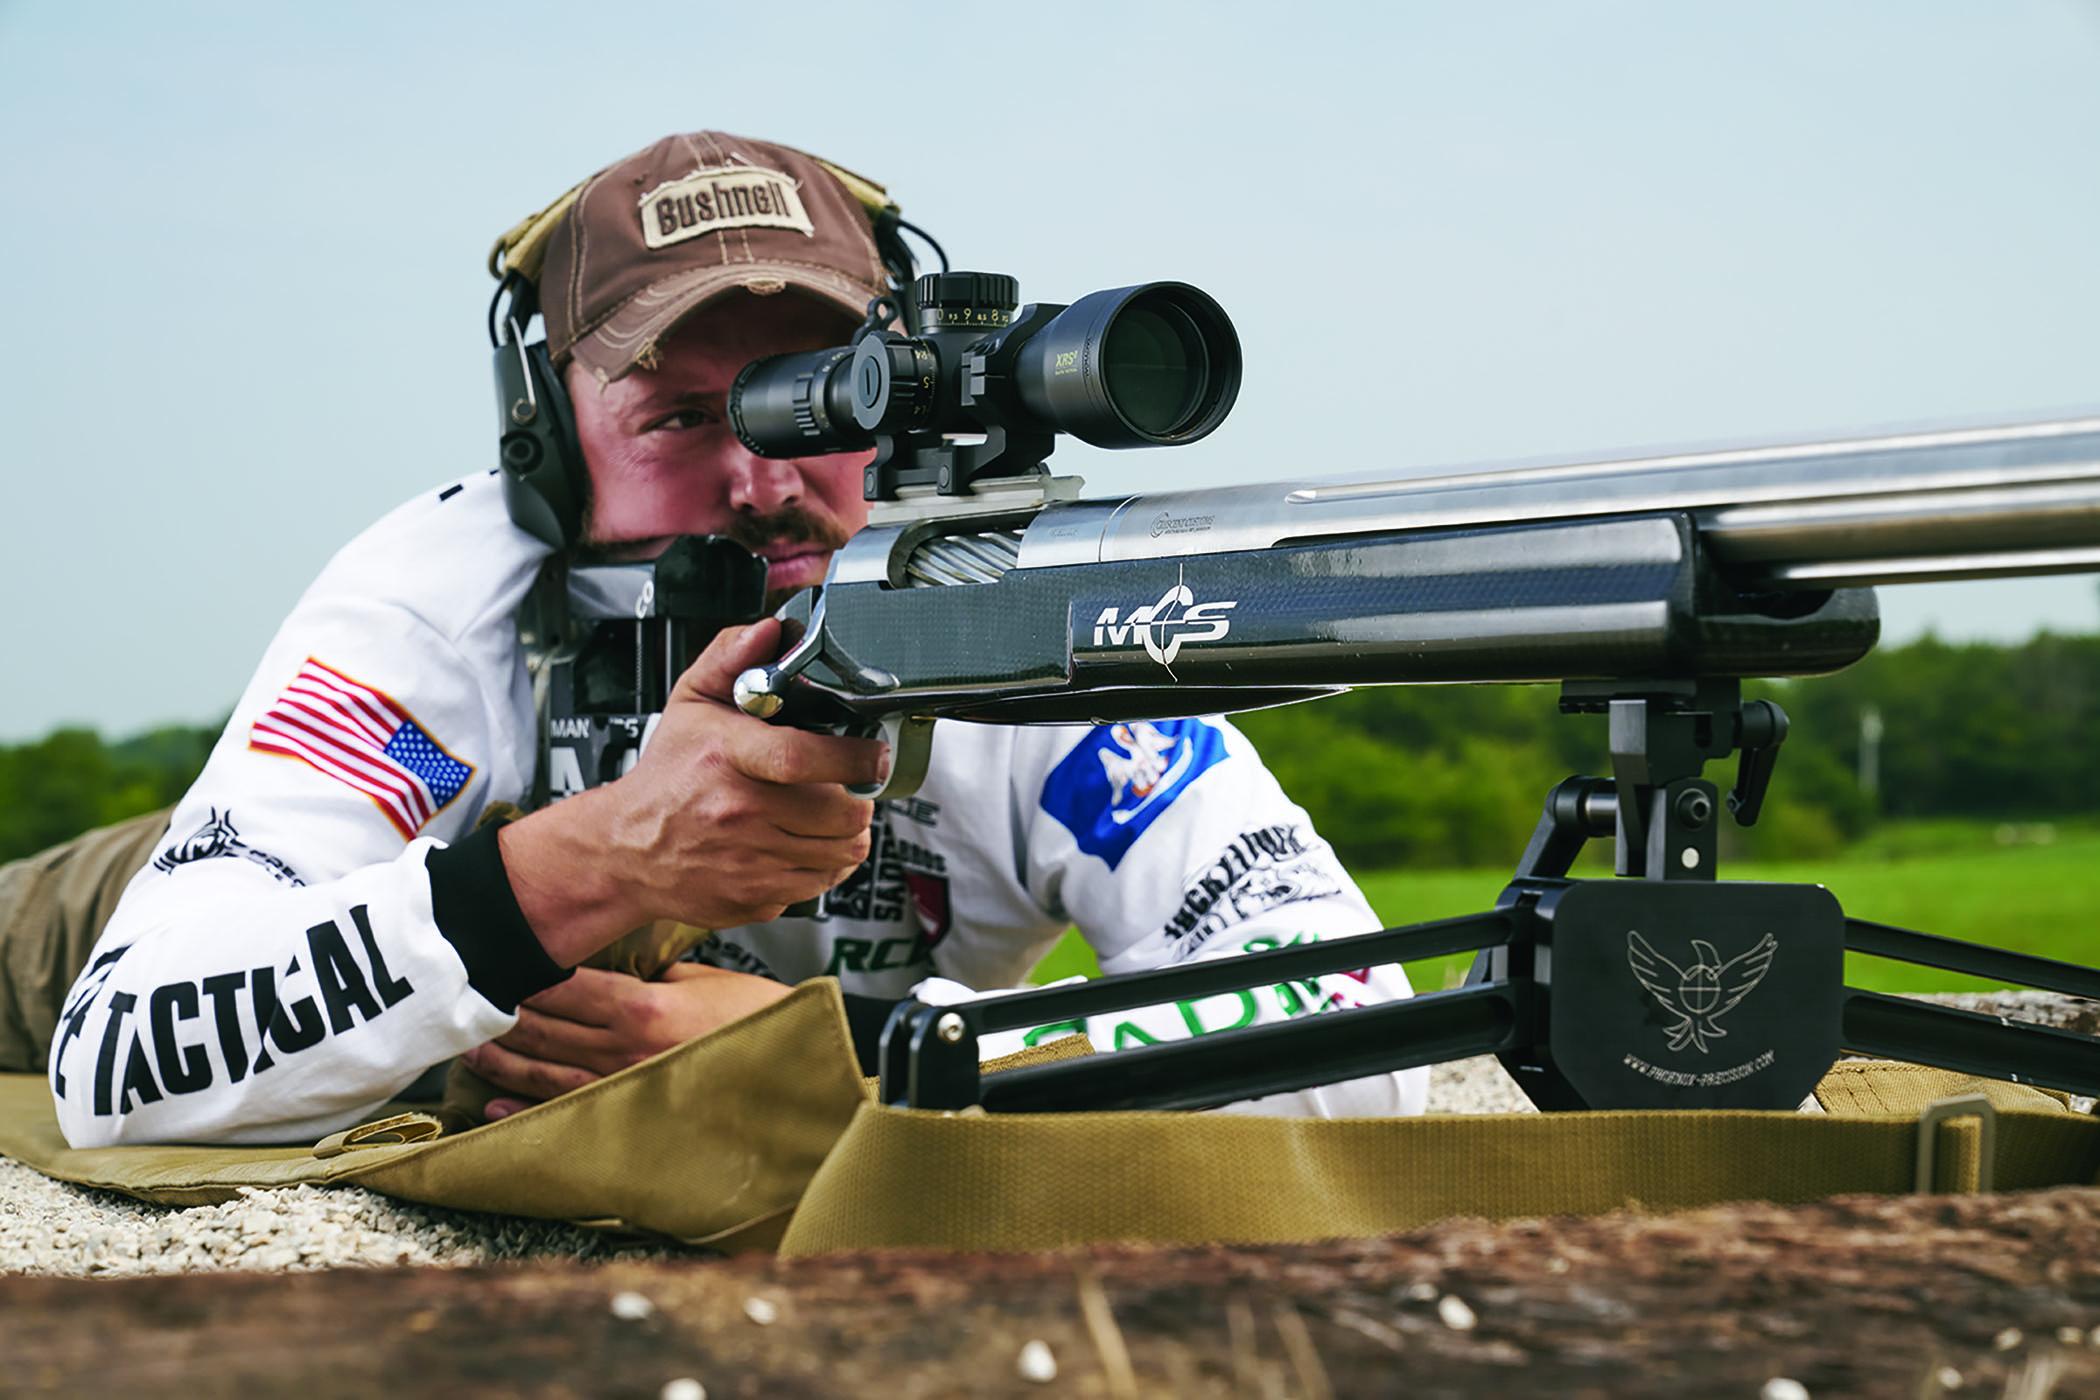 Image courtesy of Bushnell Sport Optics